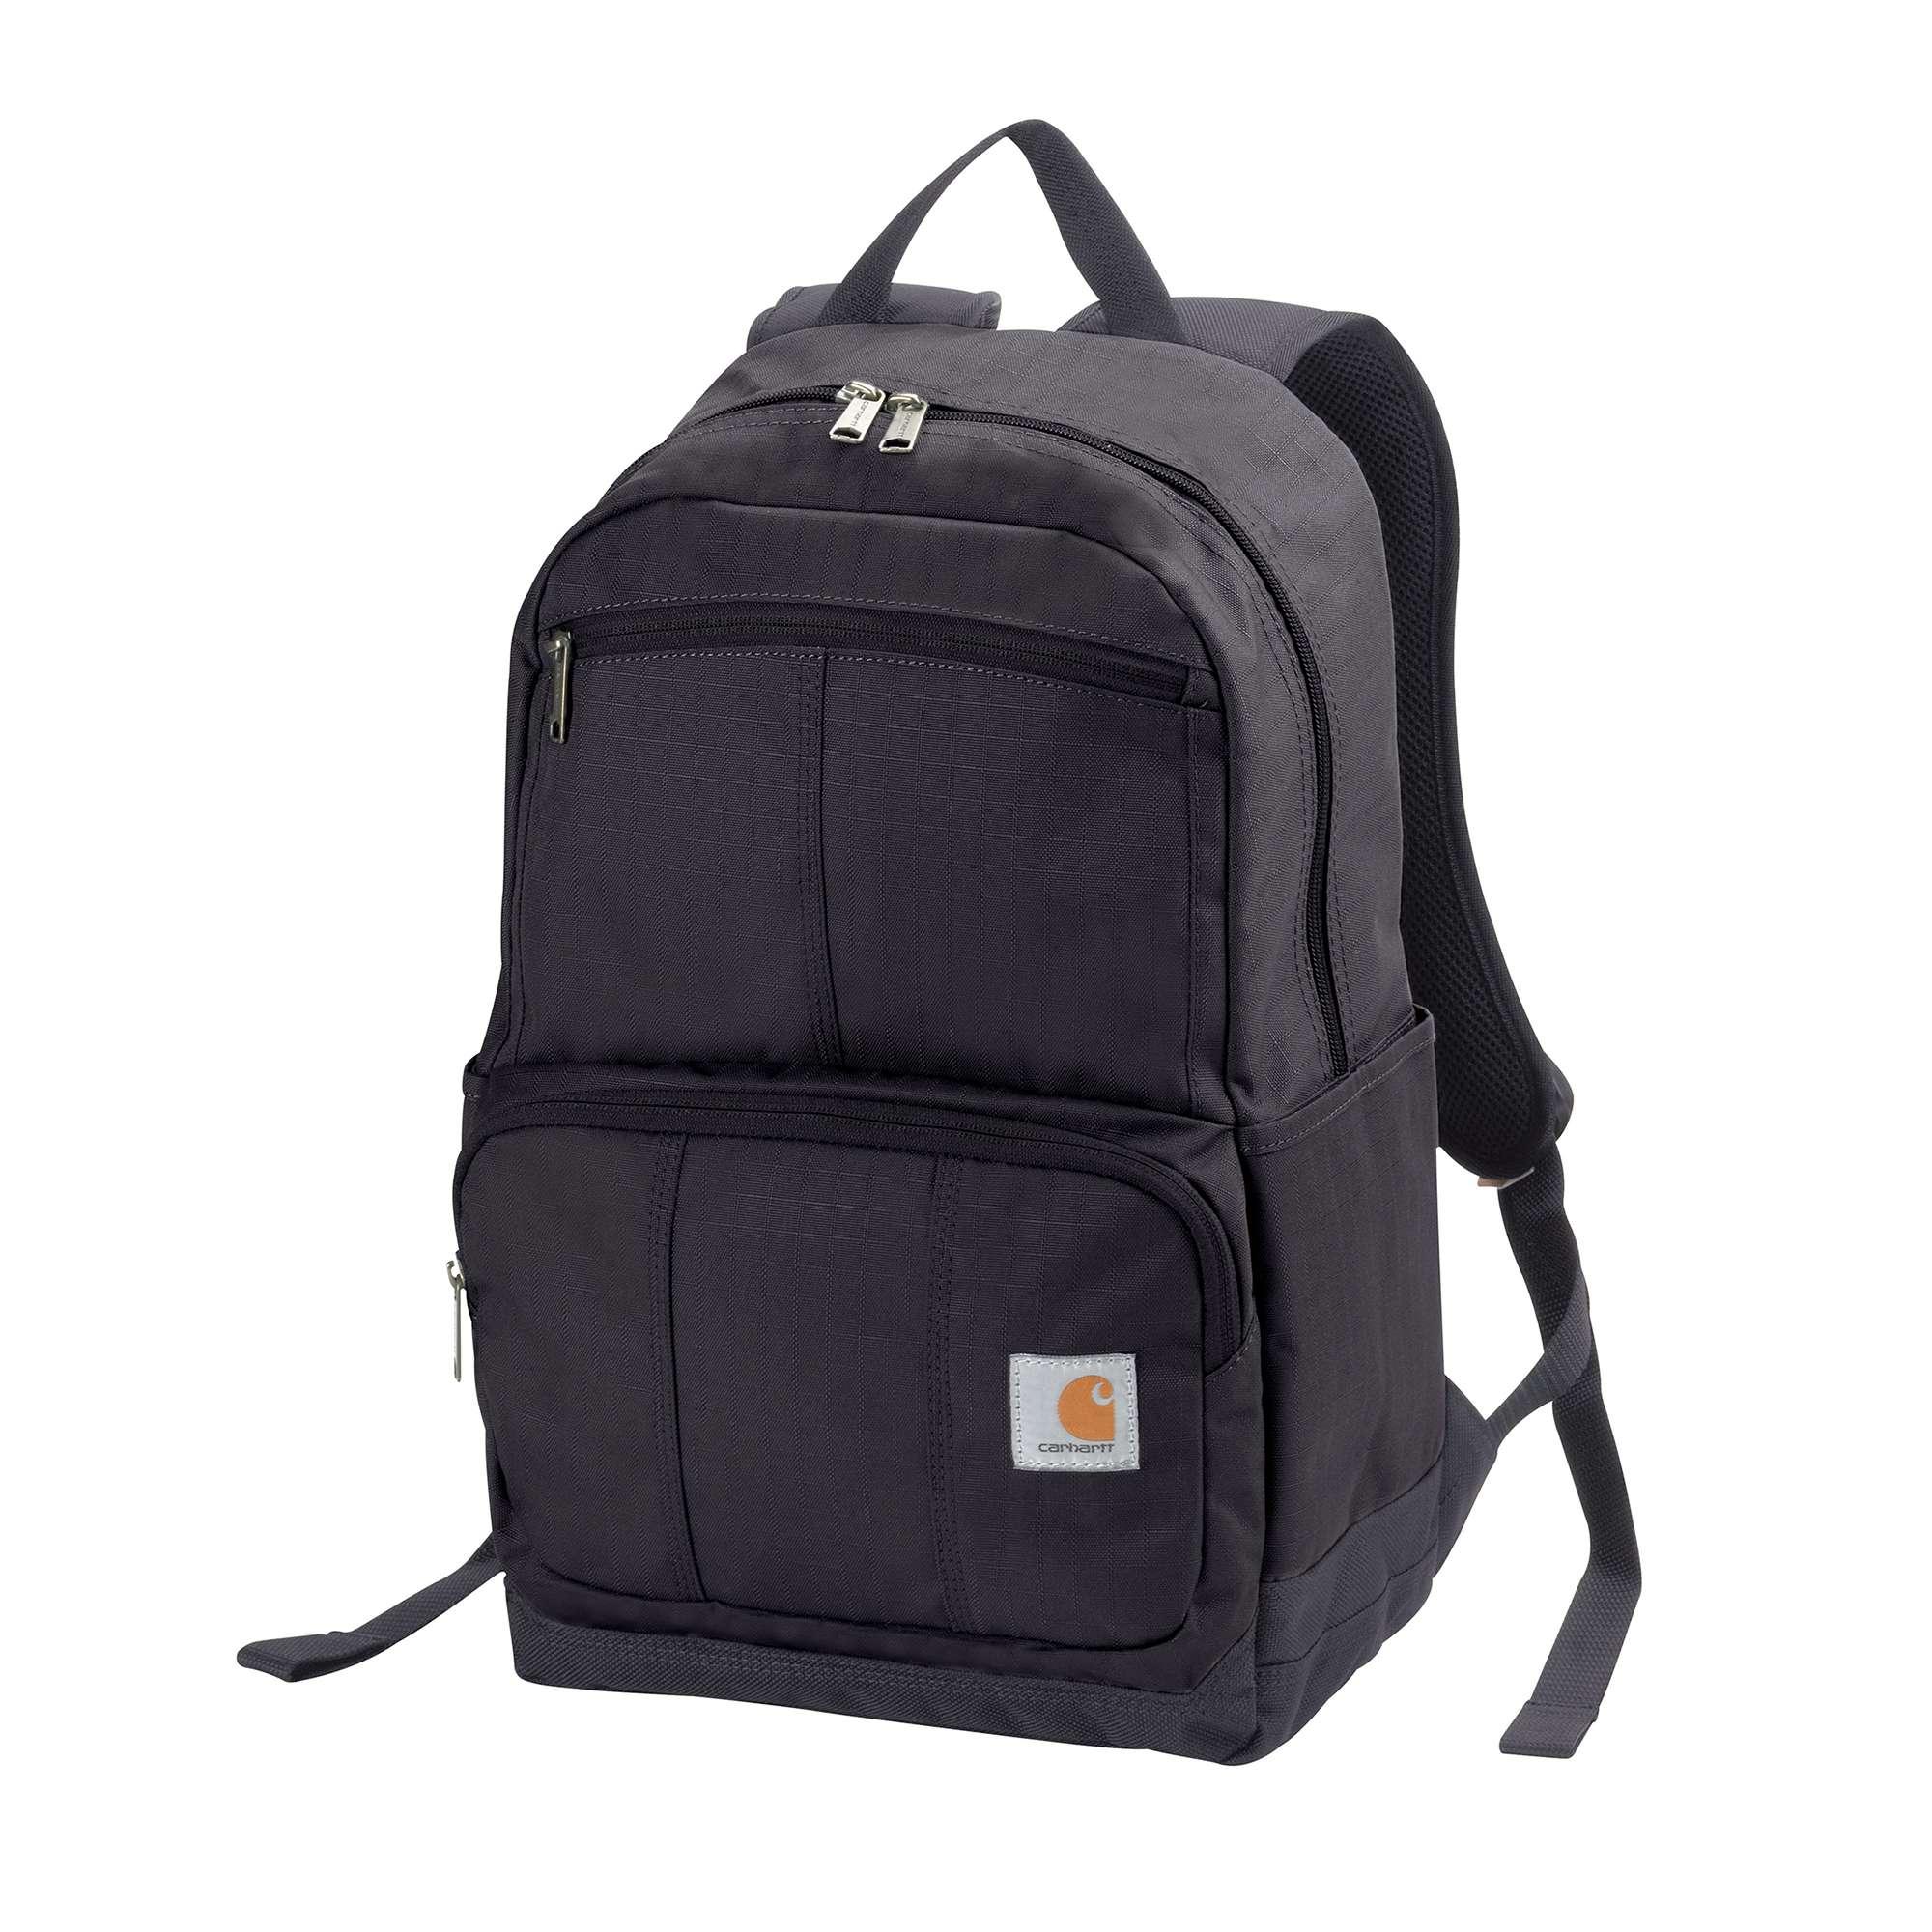 Carhartt D89 Backpack